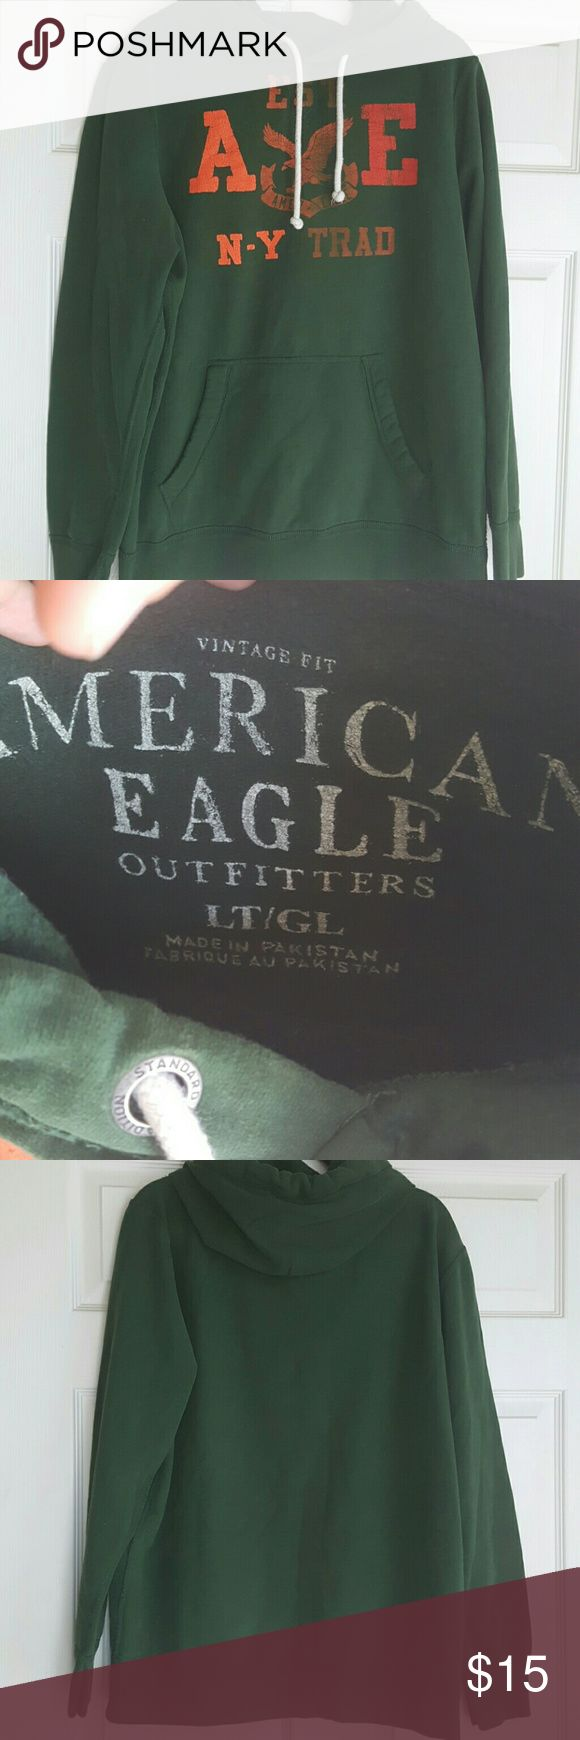 American Eagle hoodie Winter green American Eagle hoodie. No signs of wear. American Eagle Outfitters Shirts Sweatshirts & Hoodies